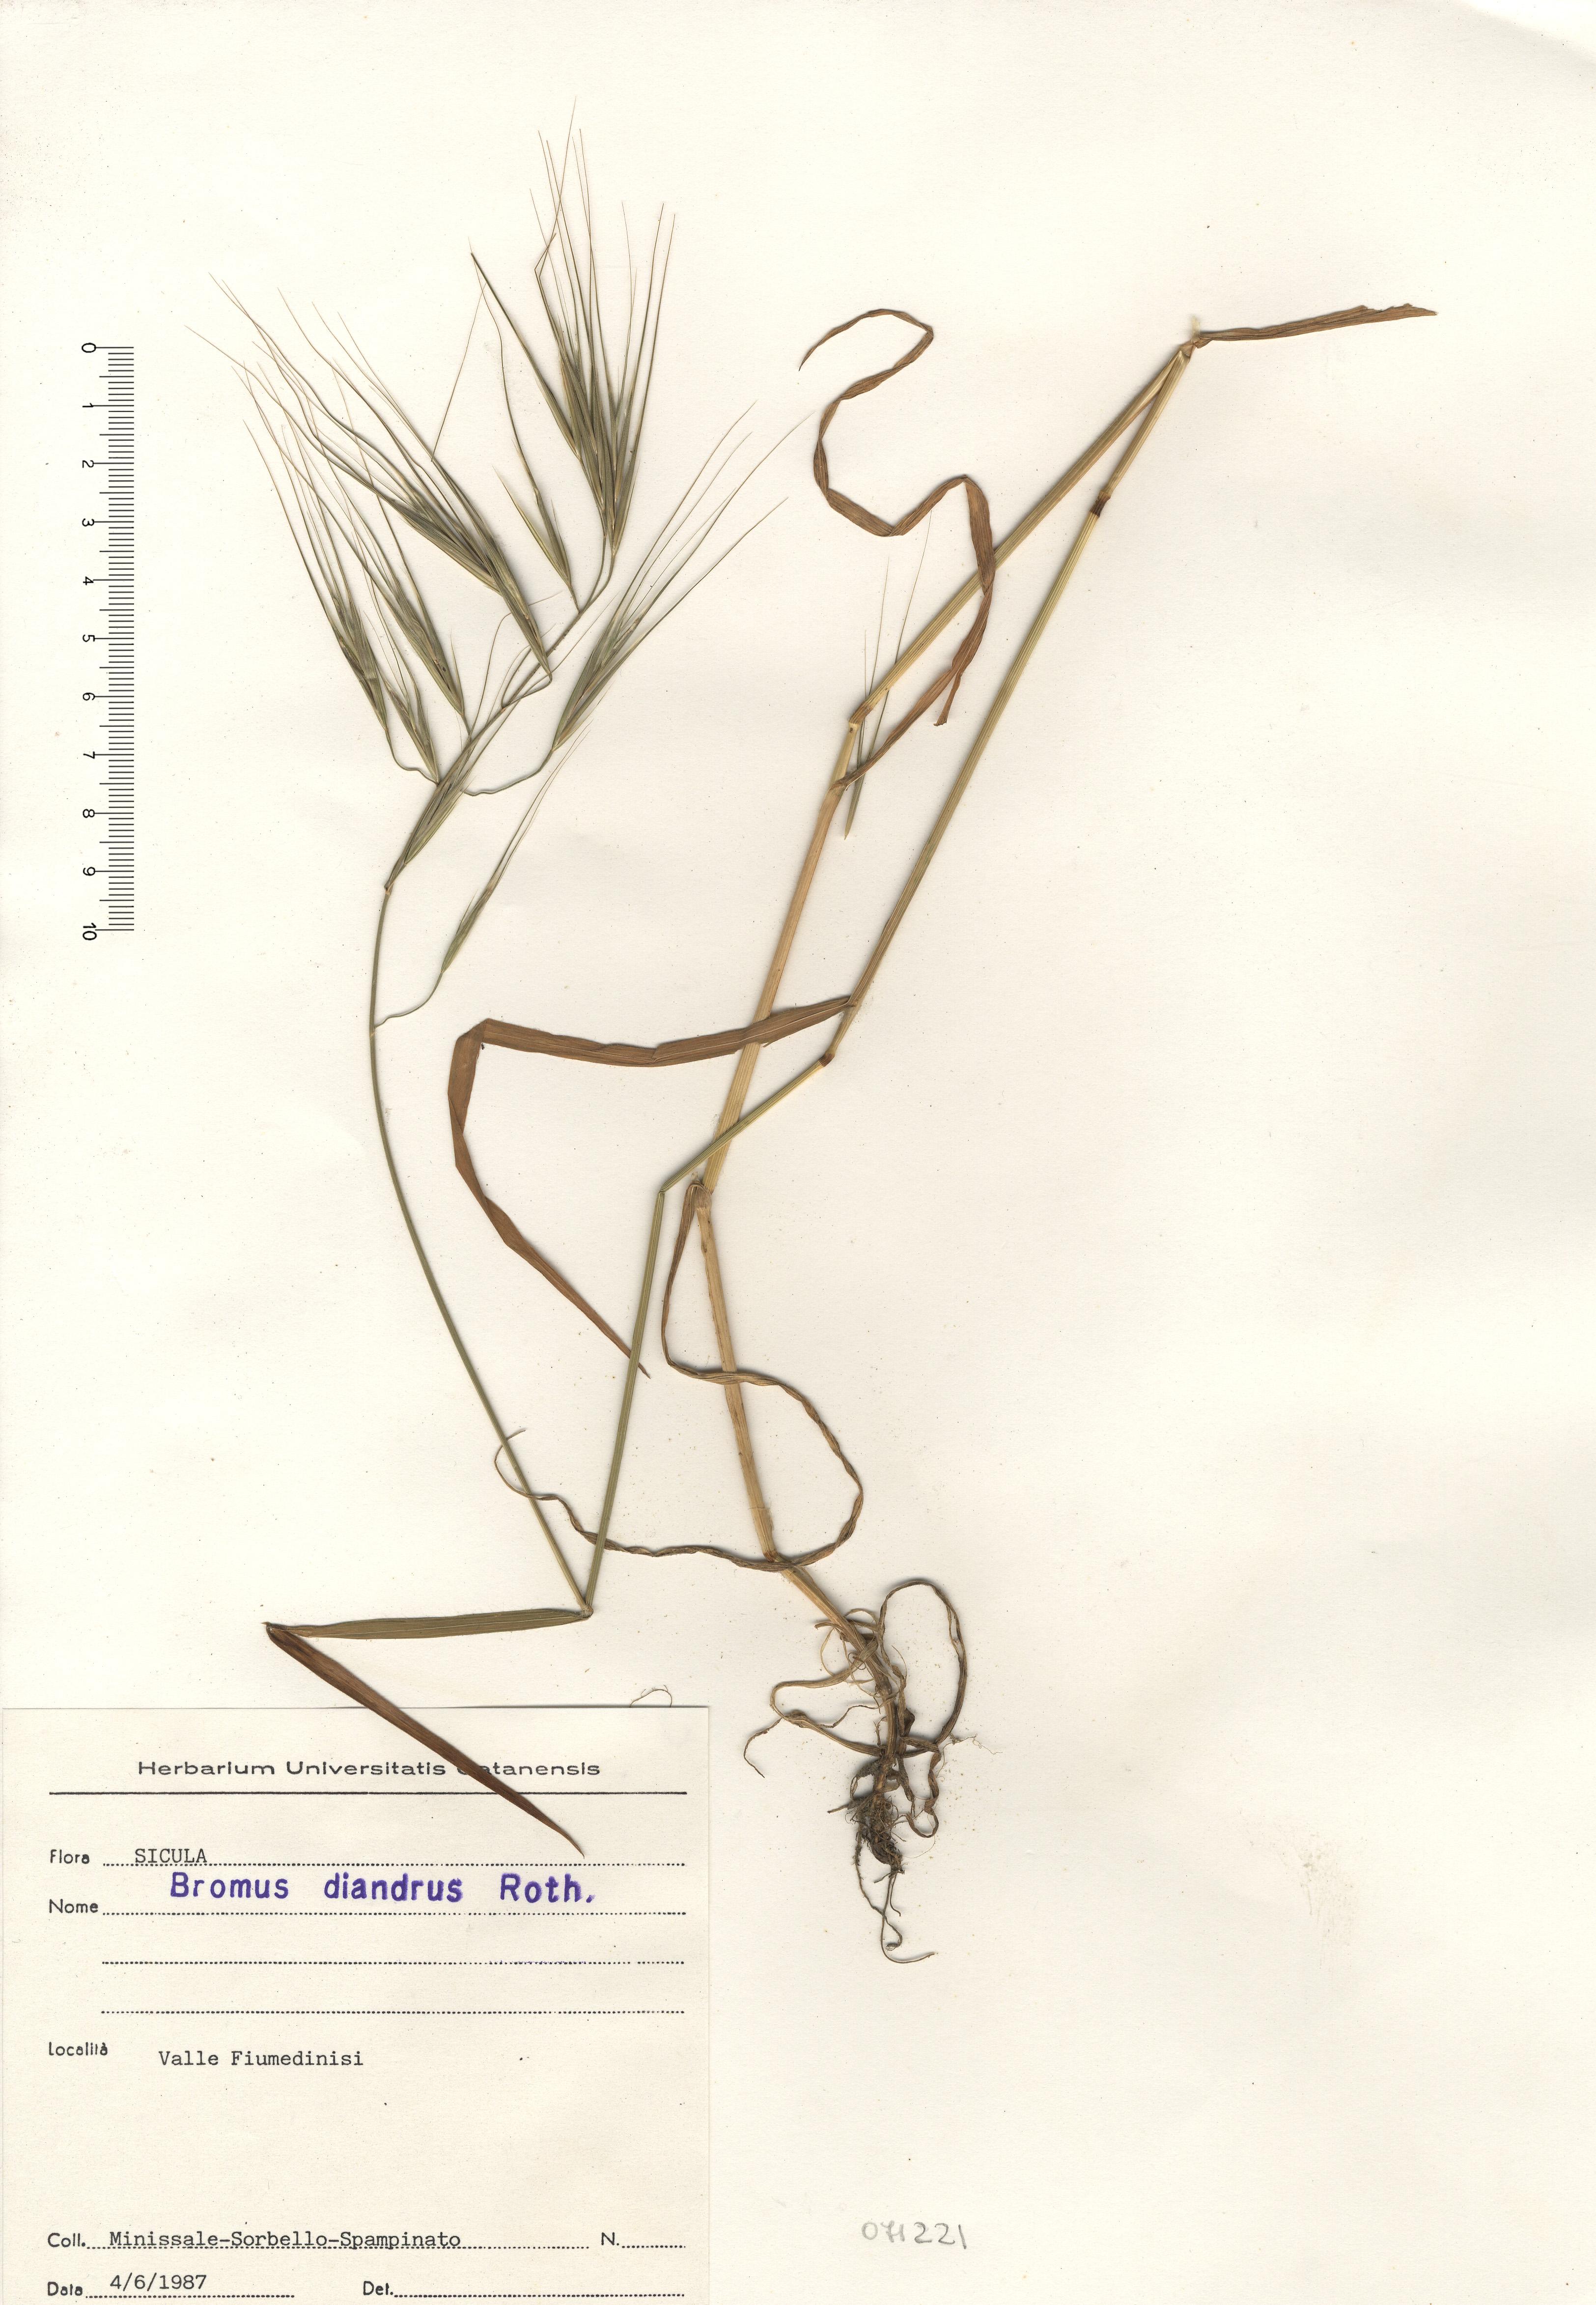 © Hortus Botanicus Catinensis - Herb. sheet 071221<br>